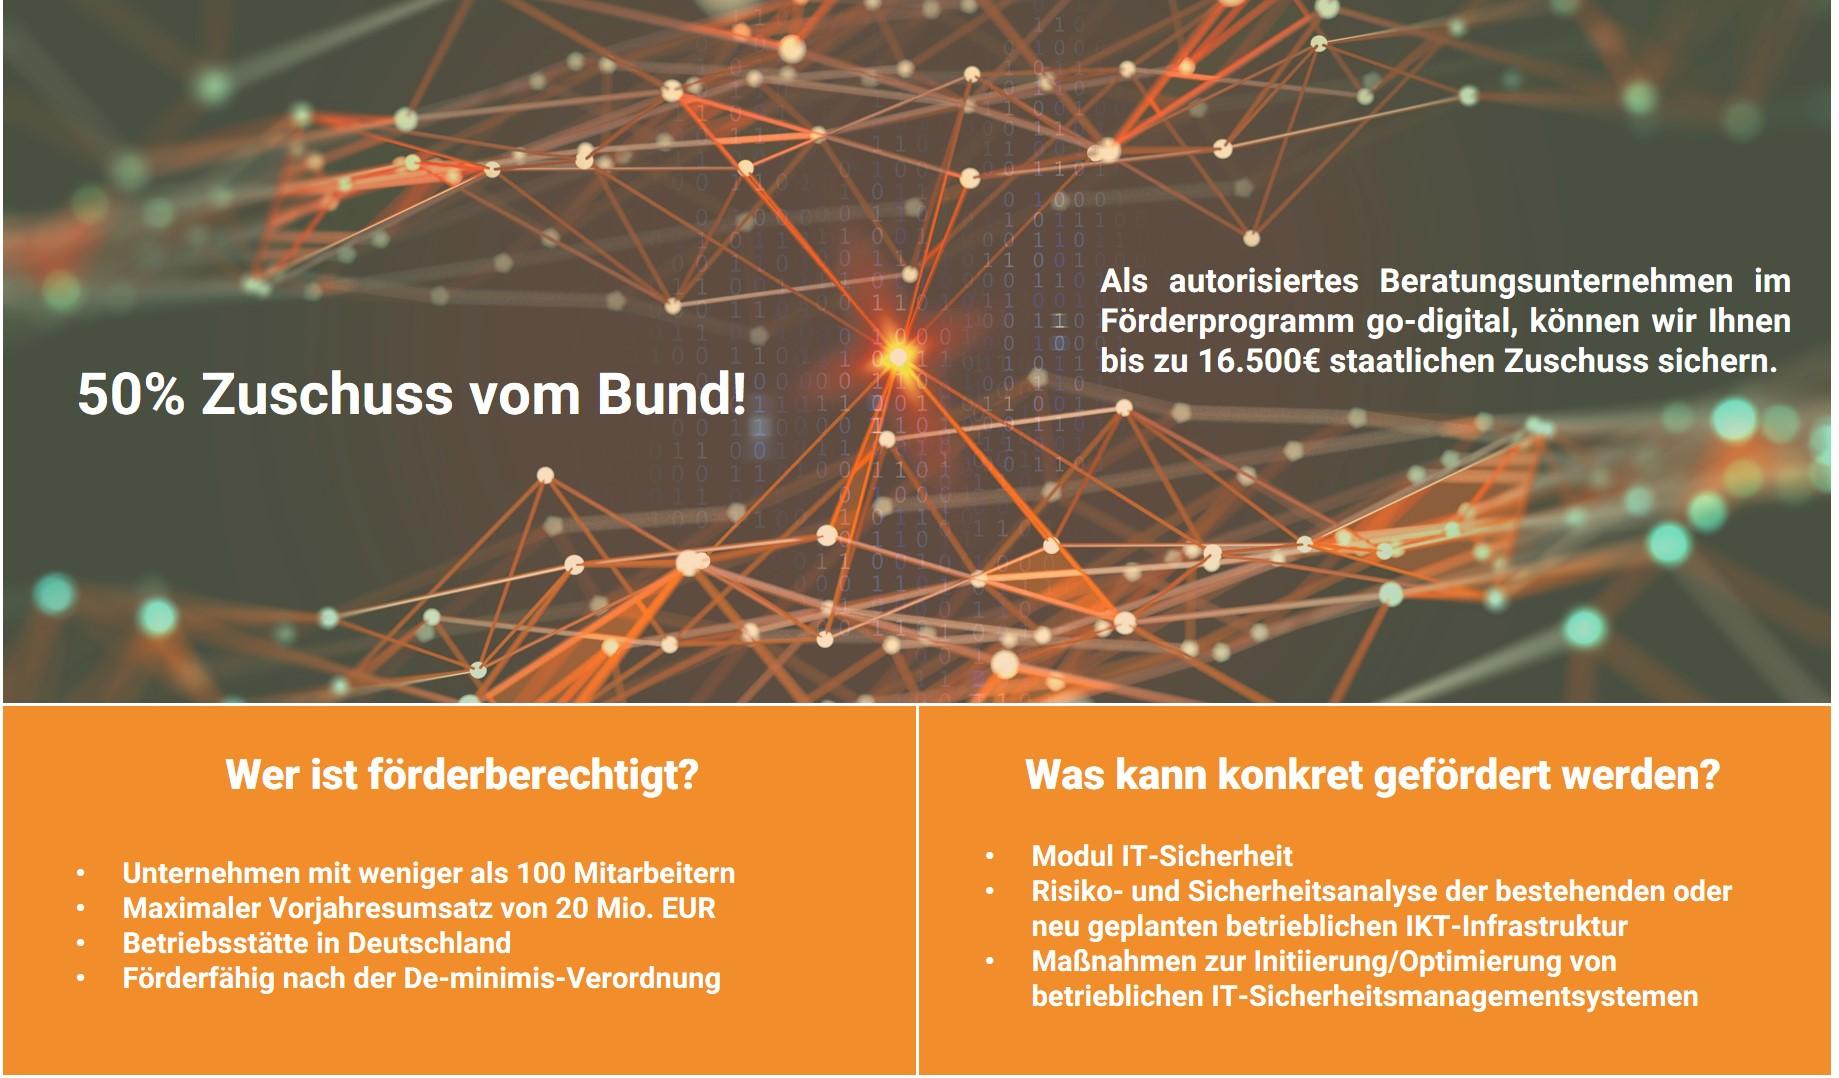 go-digital_staatliches_Foerderprogramm_Loesch_und_Partner_GmbH_Muenchen_Juli_2020